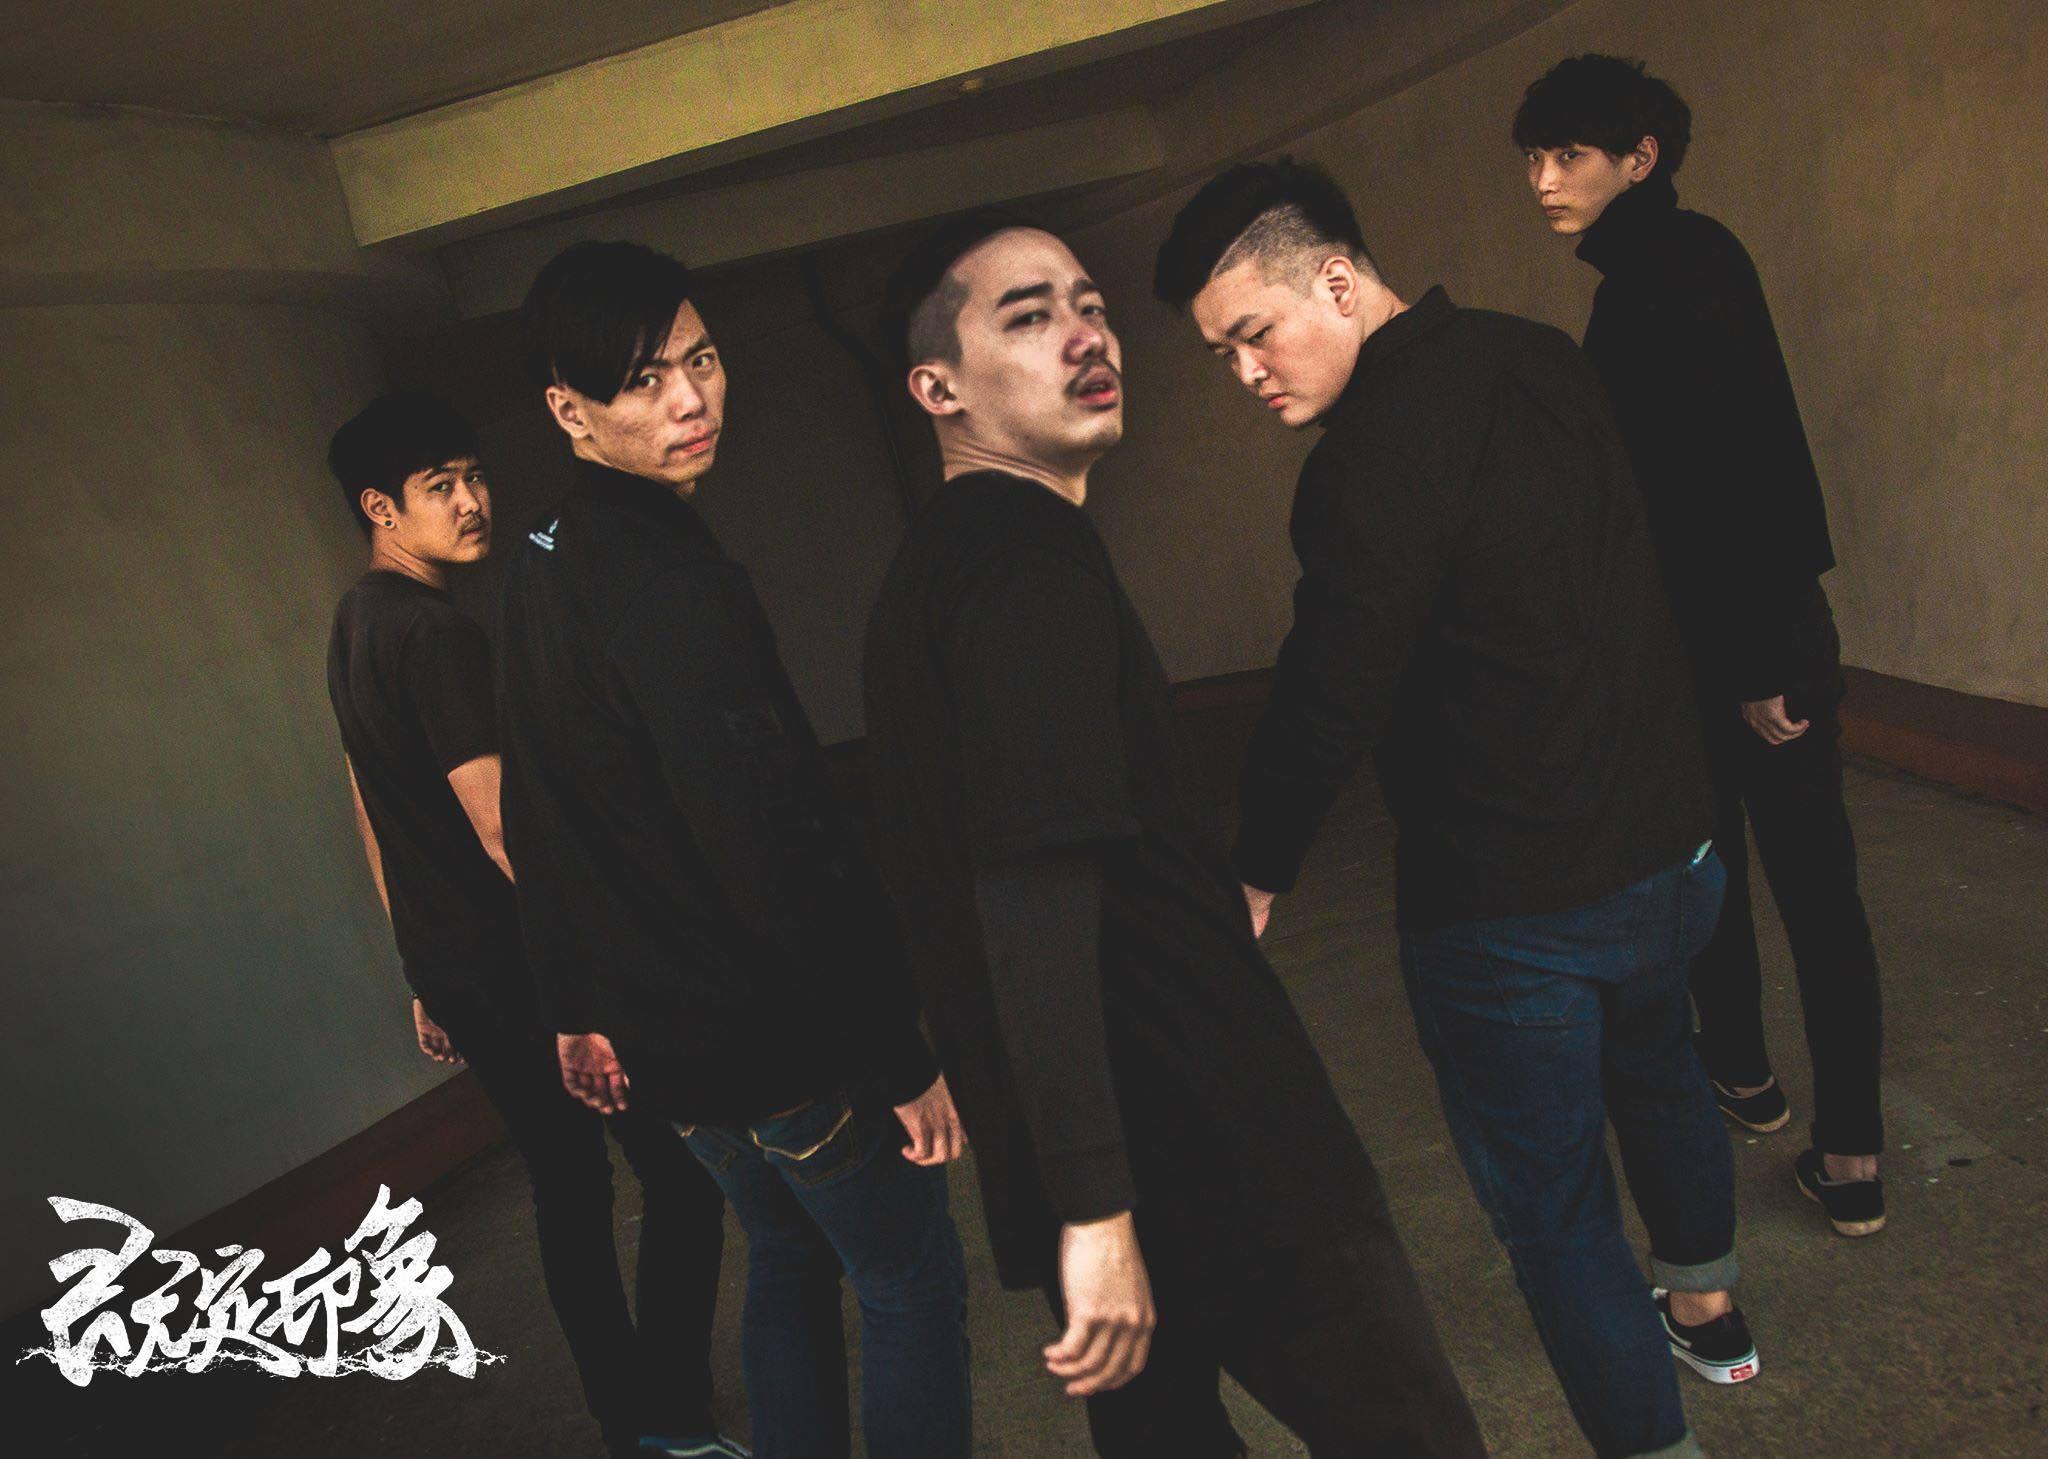 高雄Screamo樂團 既定印象:近期大概也是一個既定印象的巔峰時期